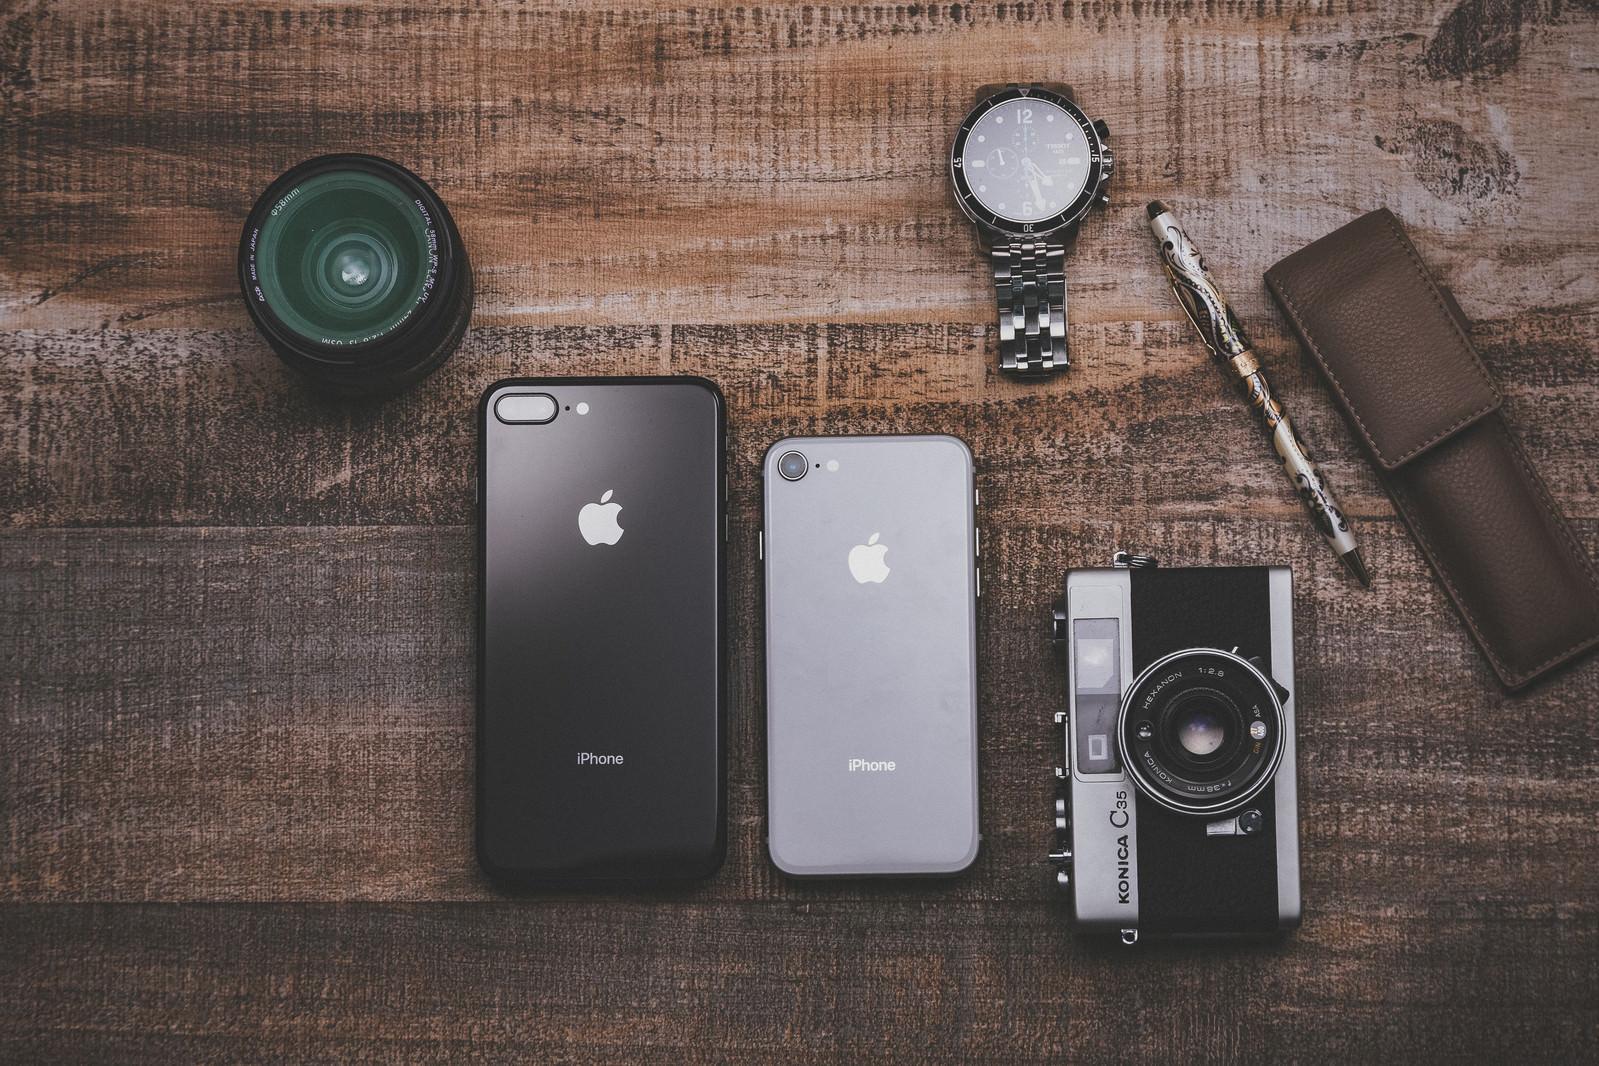 「木目のテーブルに置かれた最新スマホとカメラやレンズの所持品」の写真